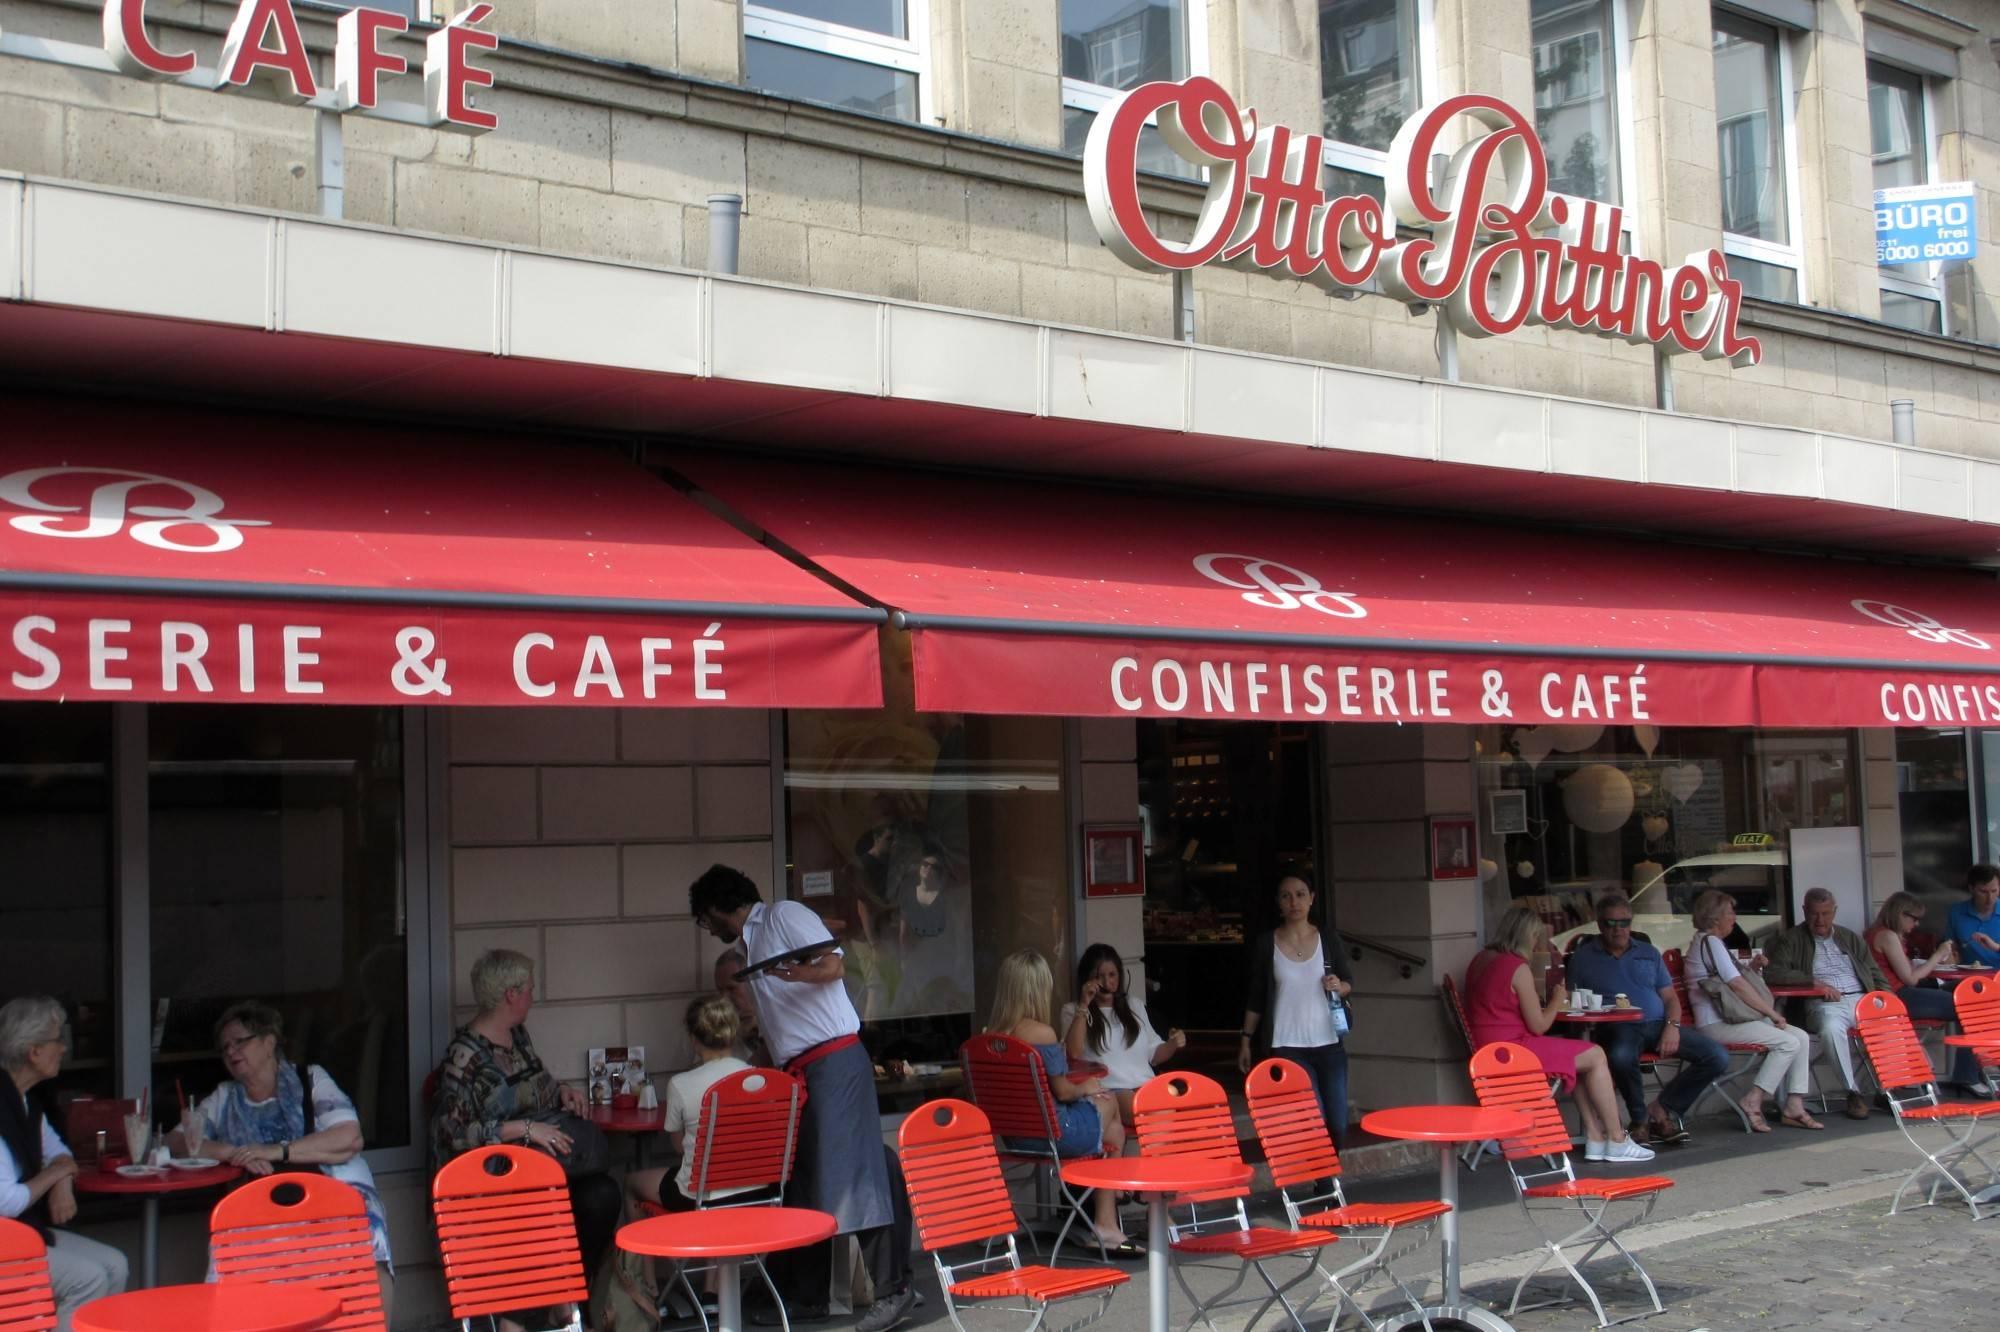 Cafe Otto Bittner